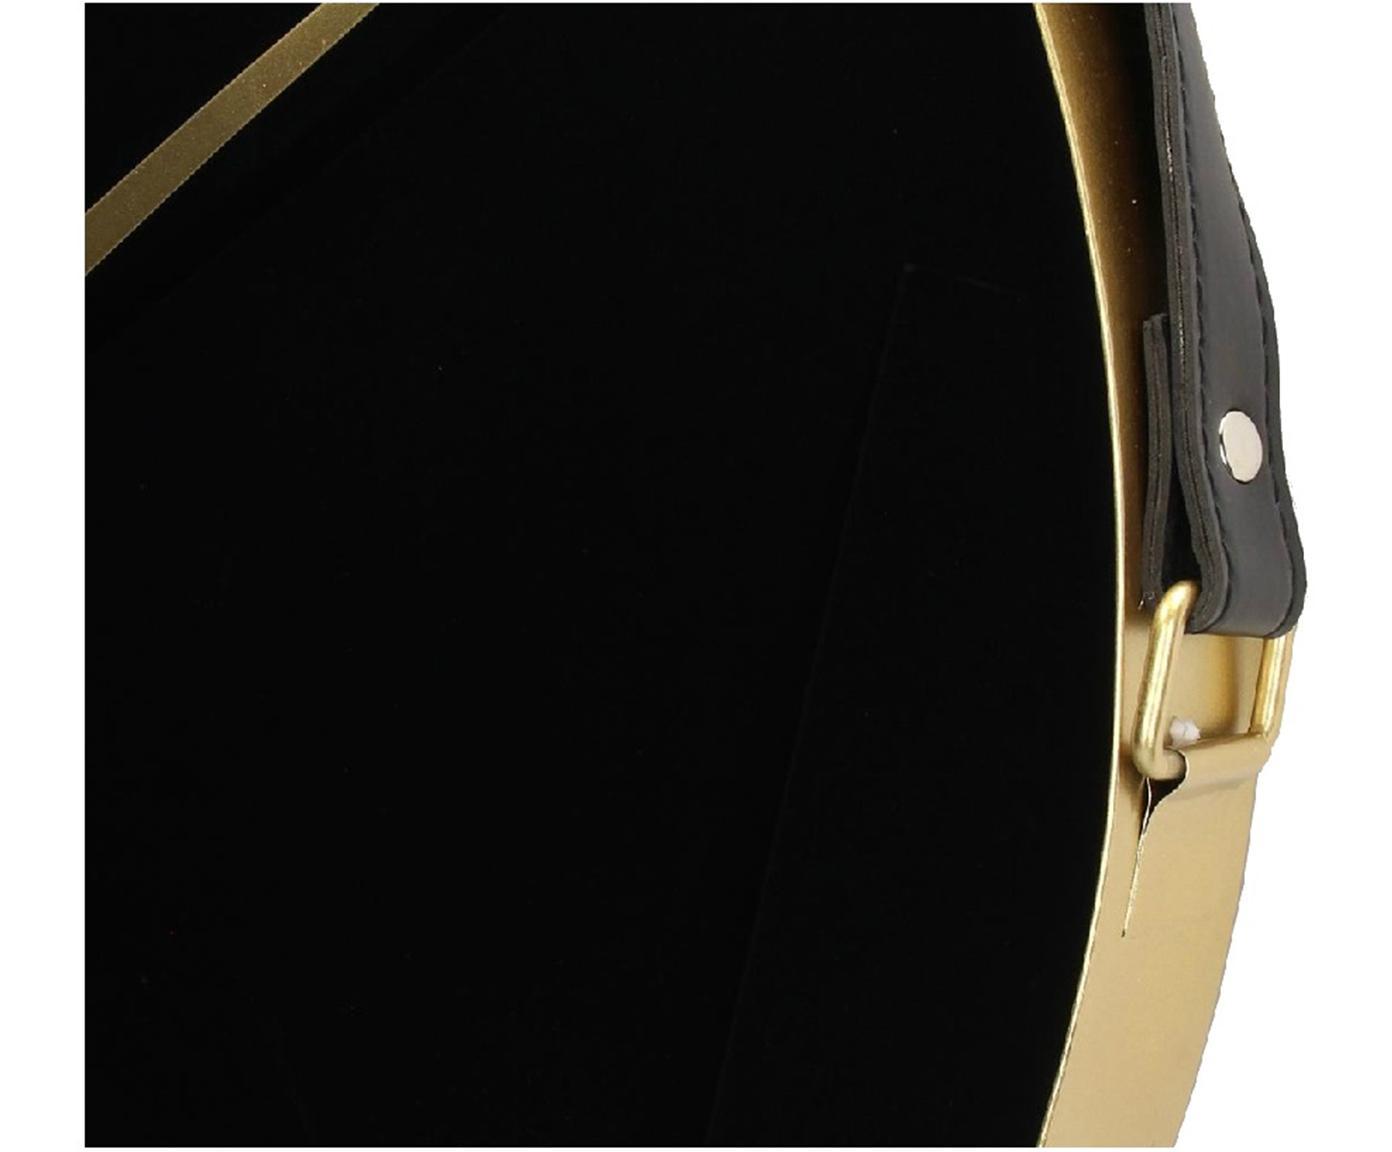 Wanduhr Liva, Metall, beschichtet, Schwarz, Goldfarben, 60 x 94 cm